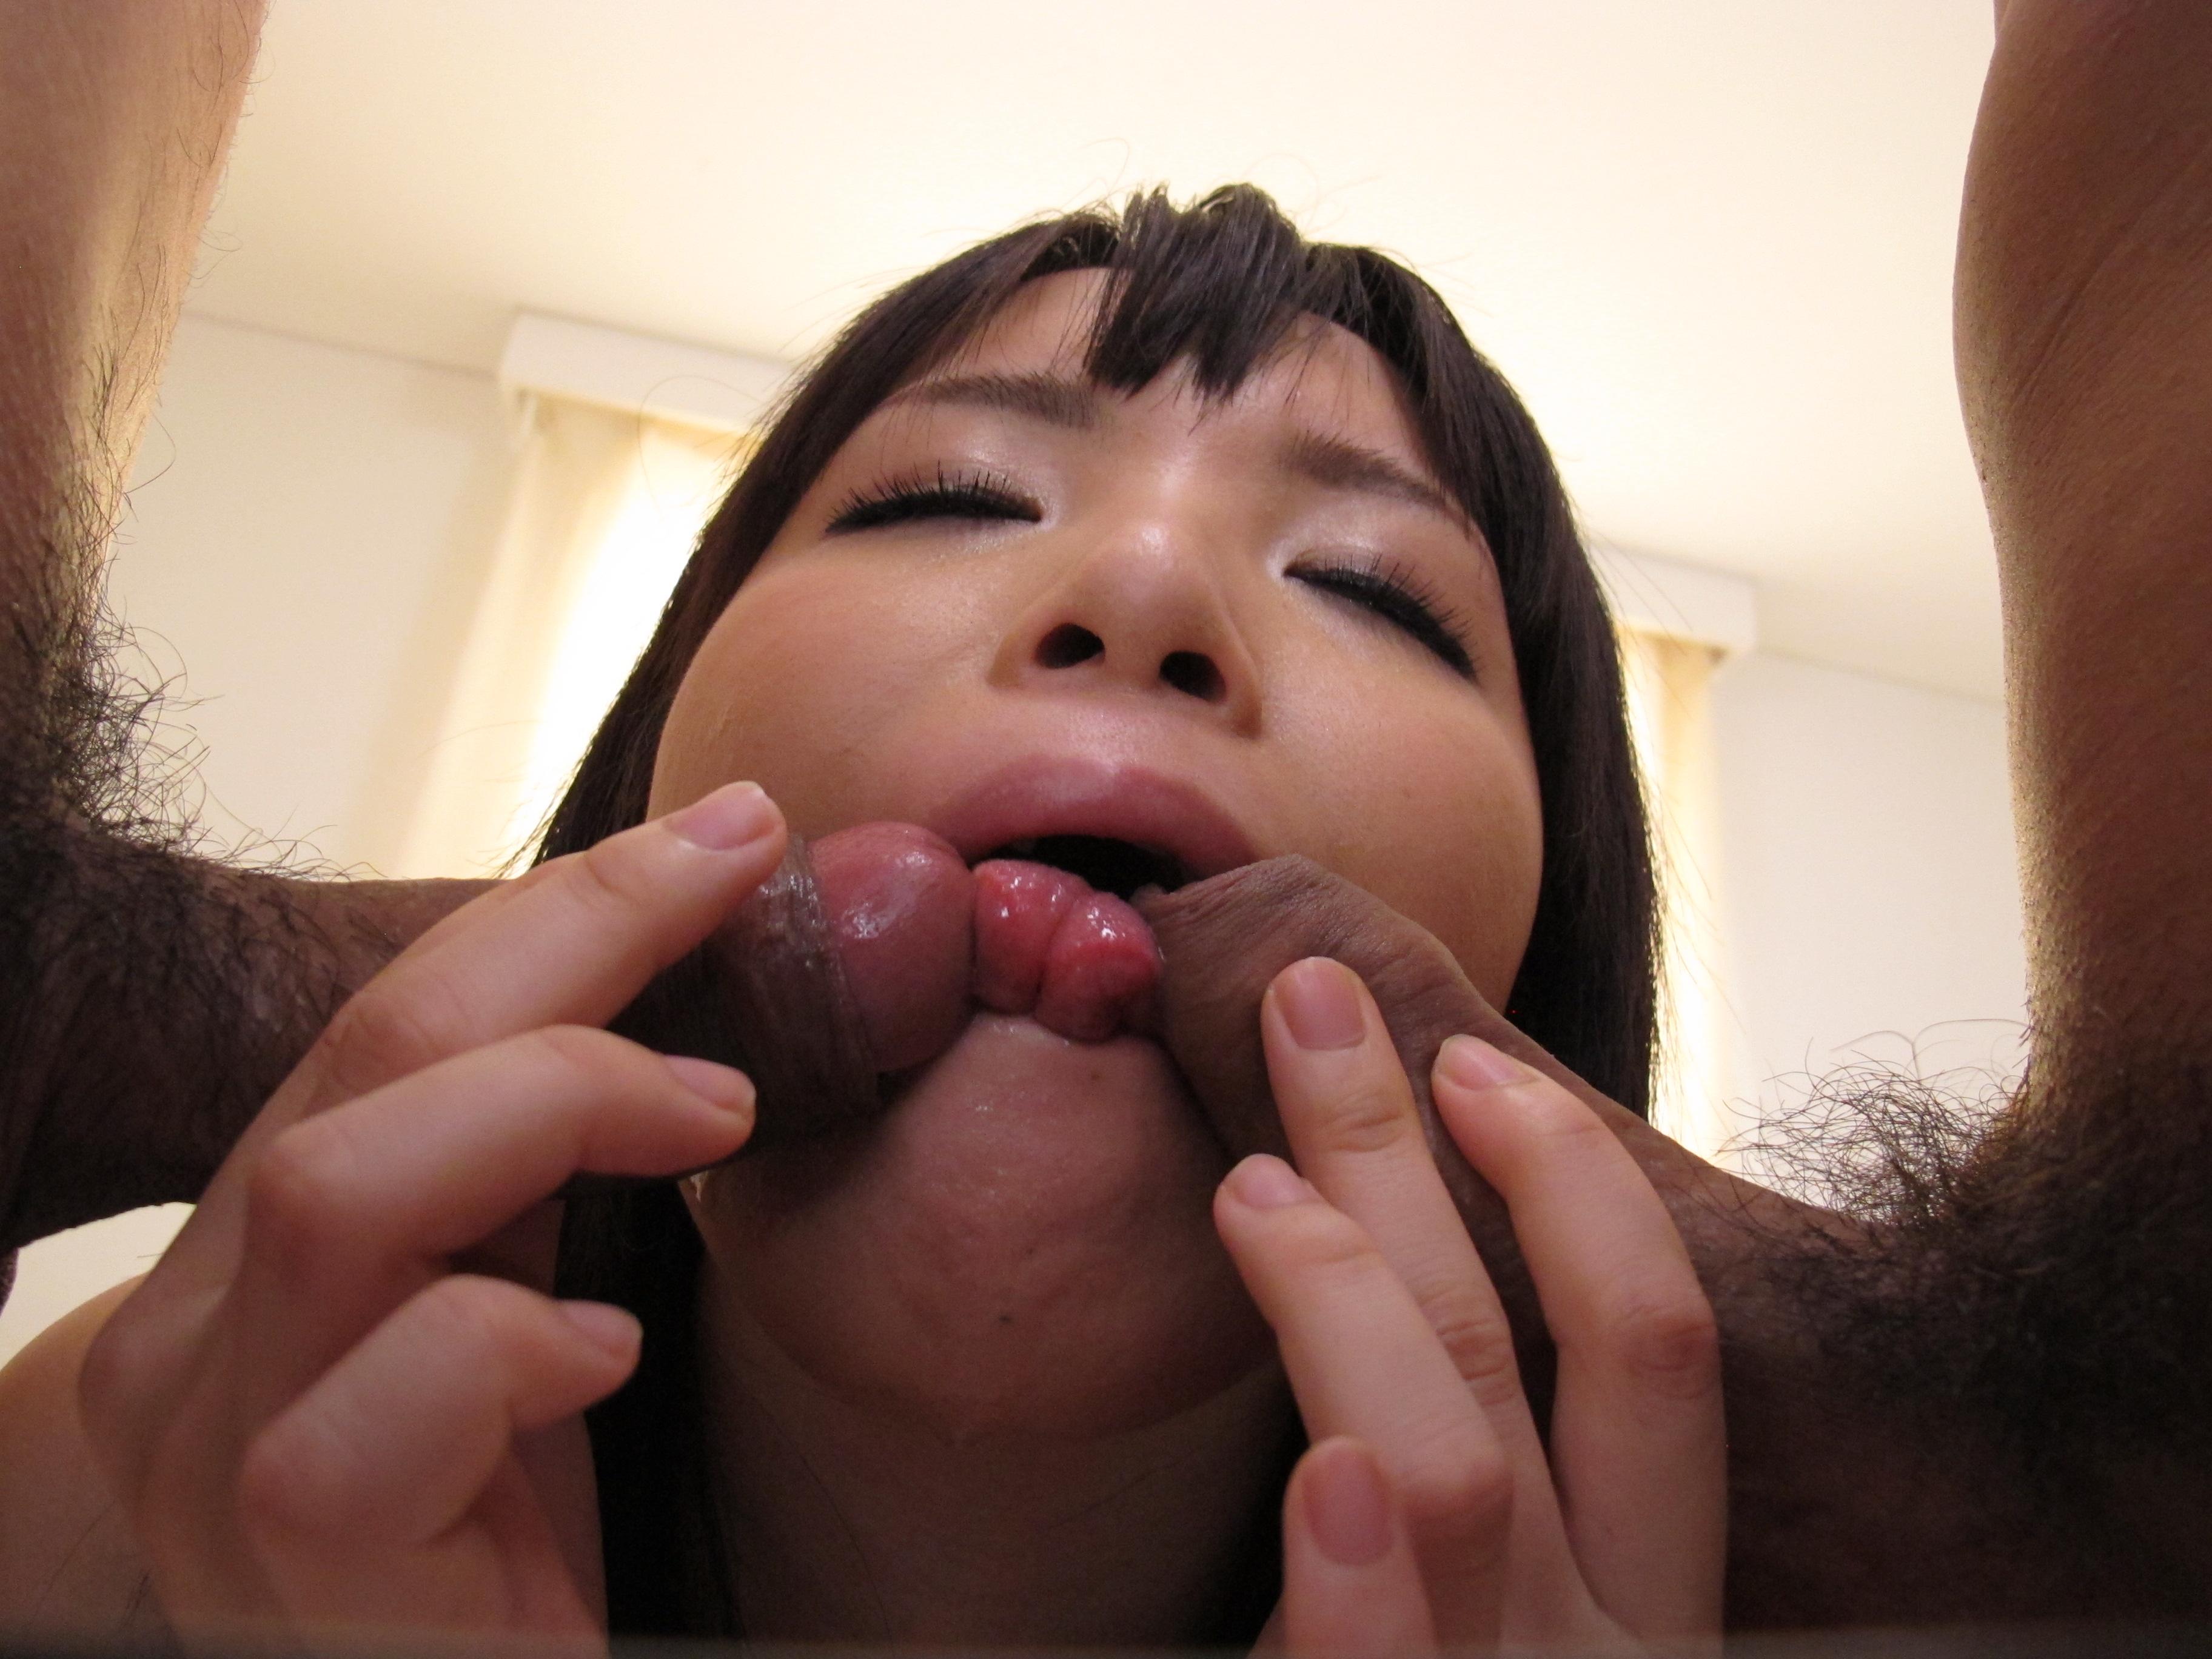 レッドホットフェティッシュコレクション103 桜瀬奈 無修正画像43